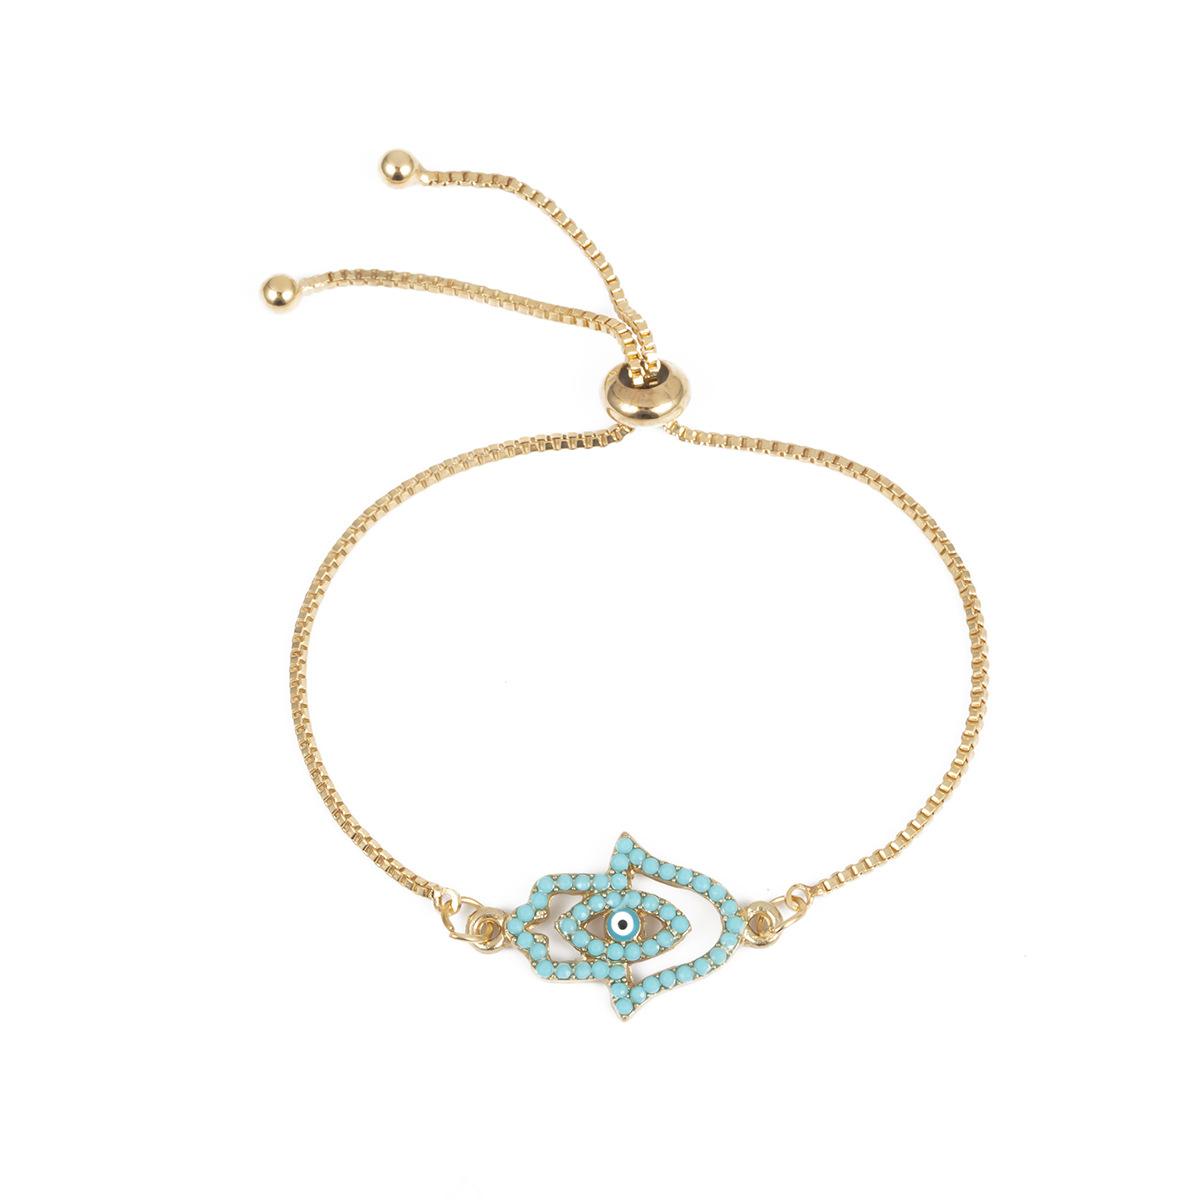 Fashion creative simple bergamot eye metal bracelet NHXR133980